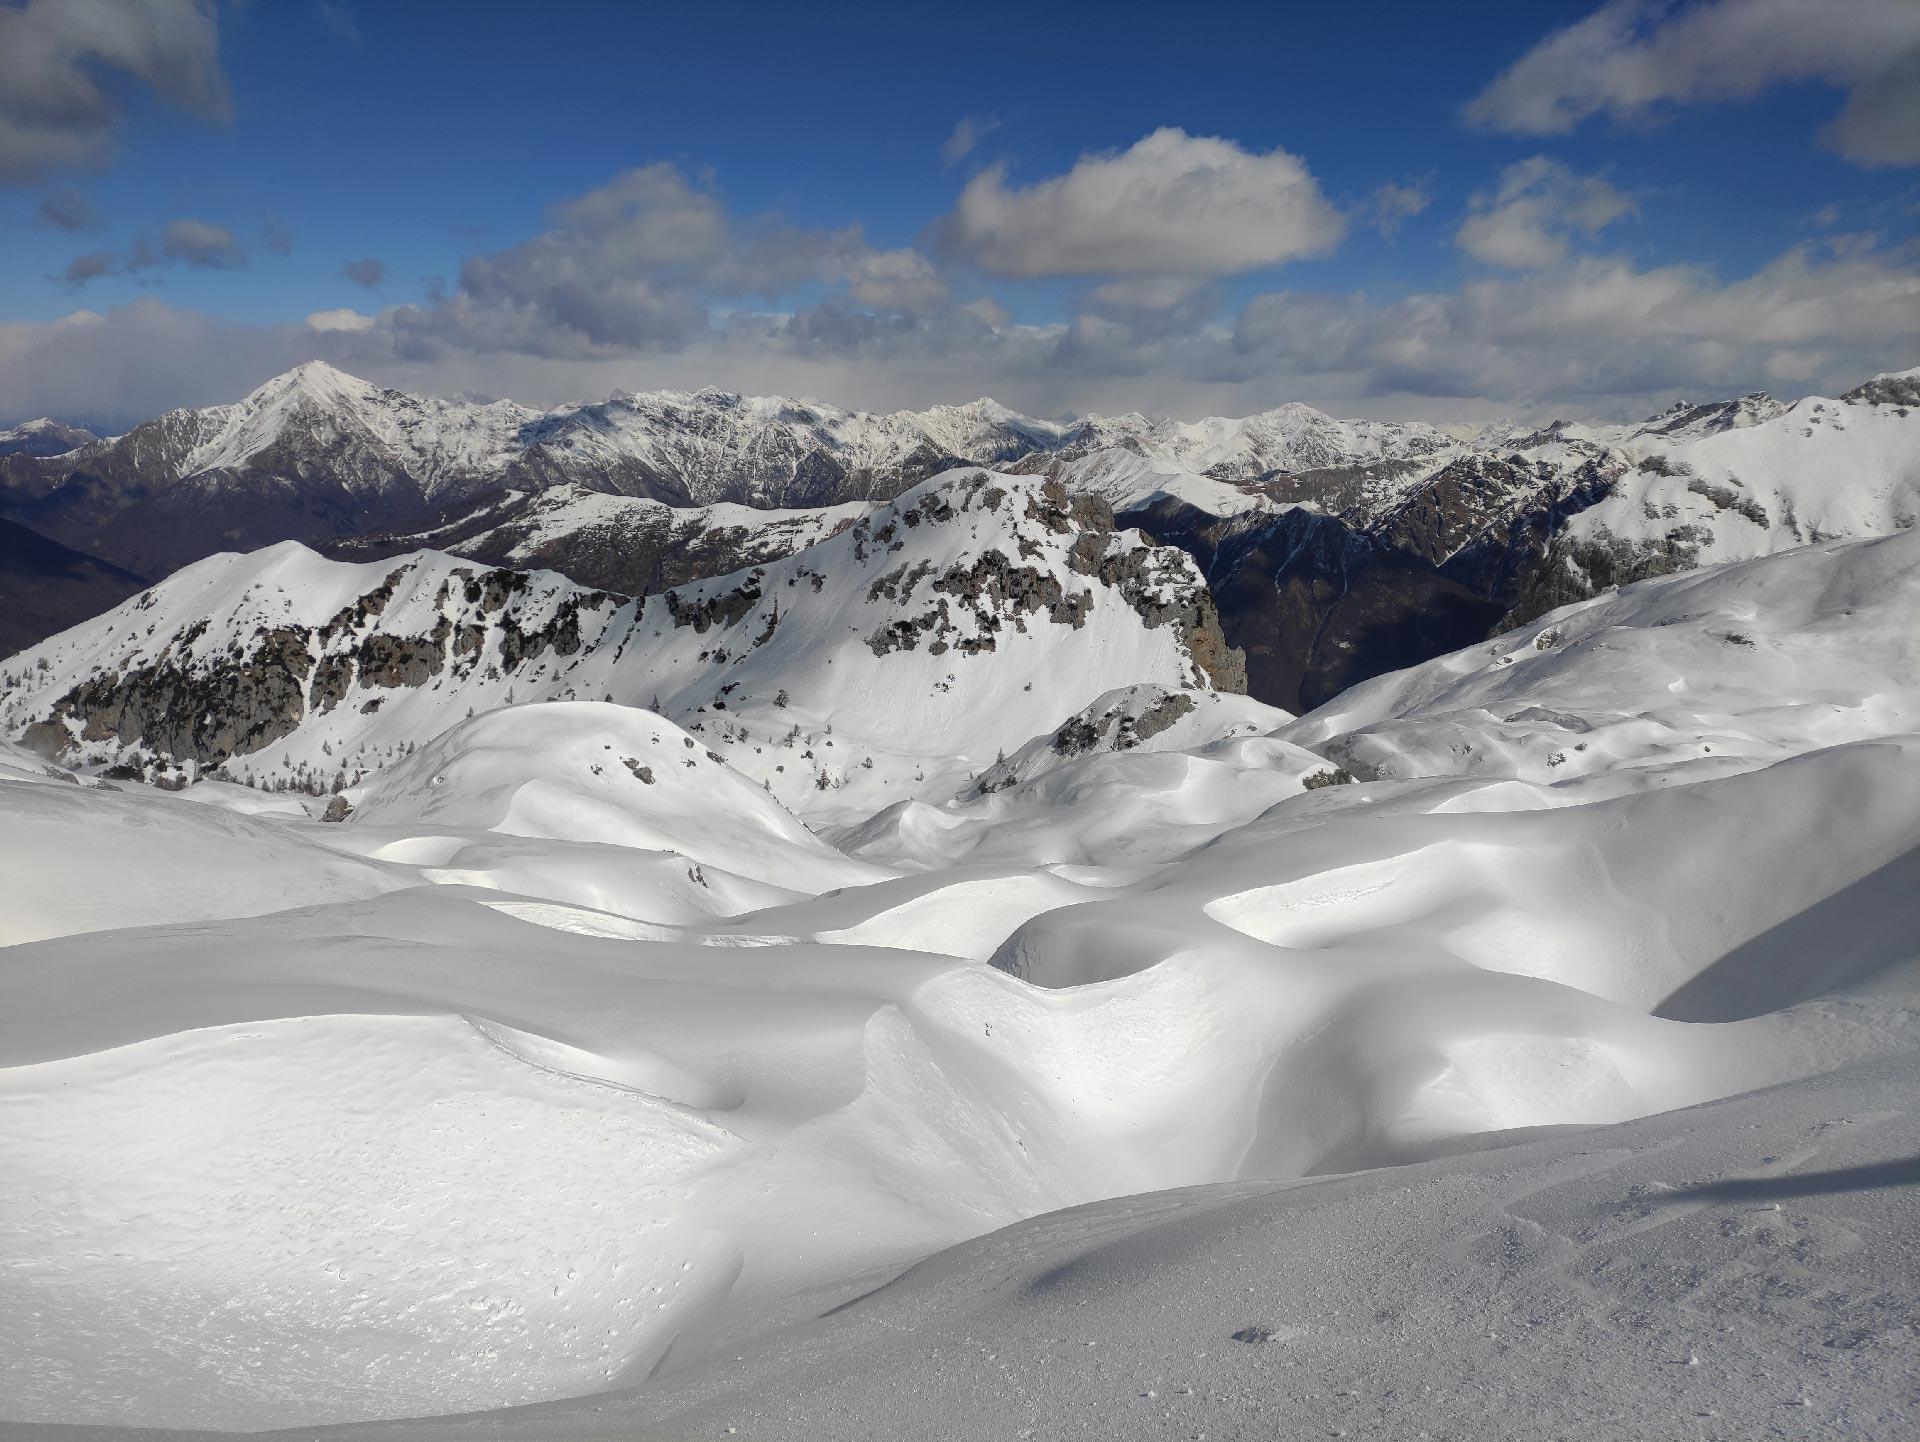 Trekking invernali in Valsassina: deserto di neve verso il Rifugio Brioschi